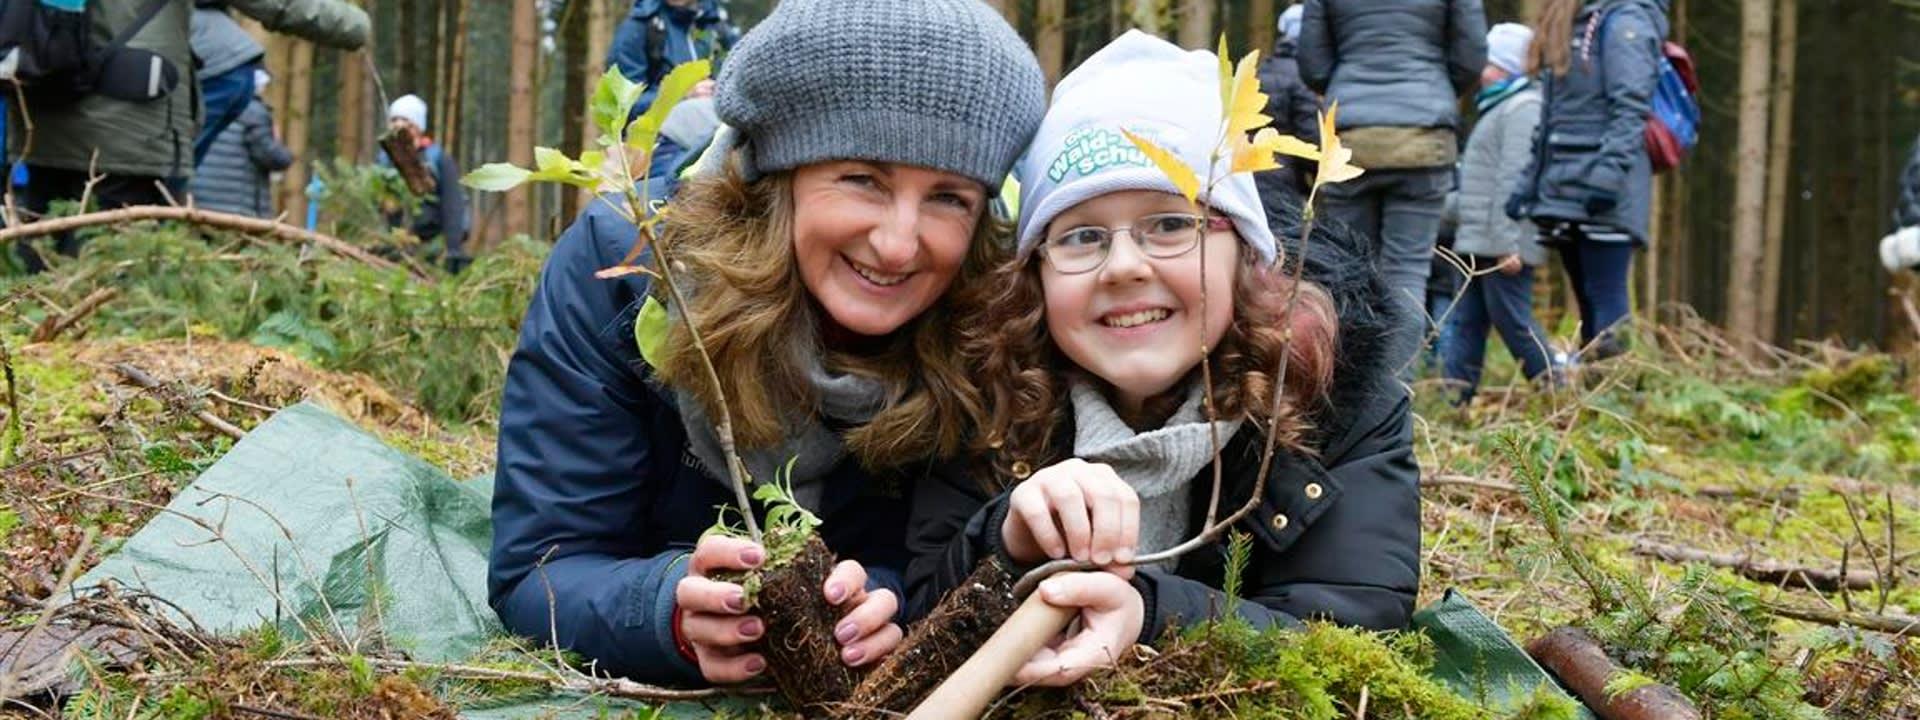 In der Waldschule entdecken die Kinder das Ökosystem Wald